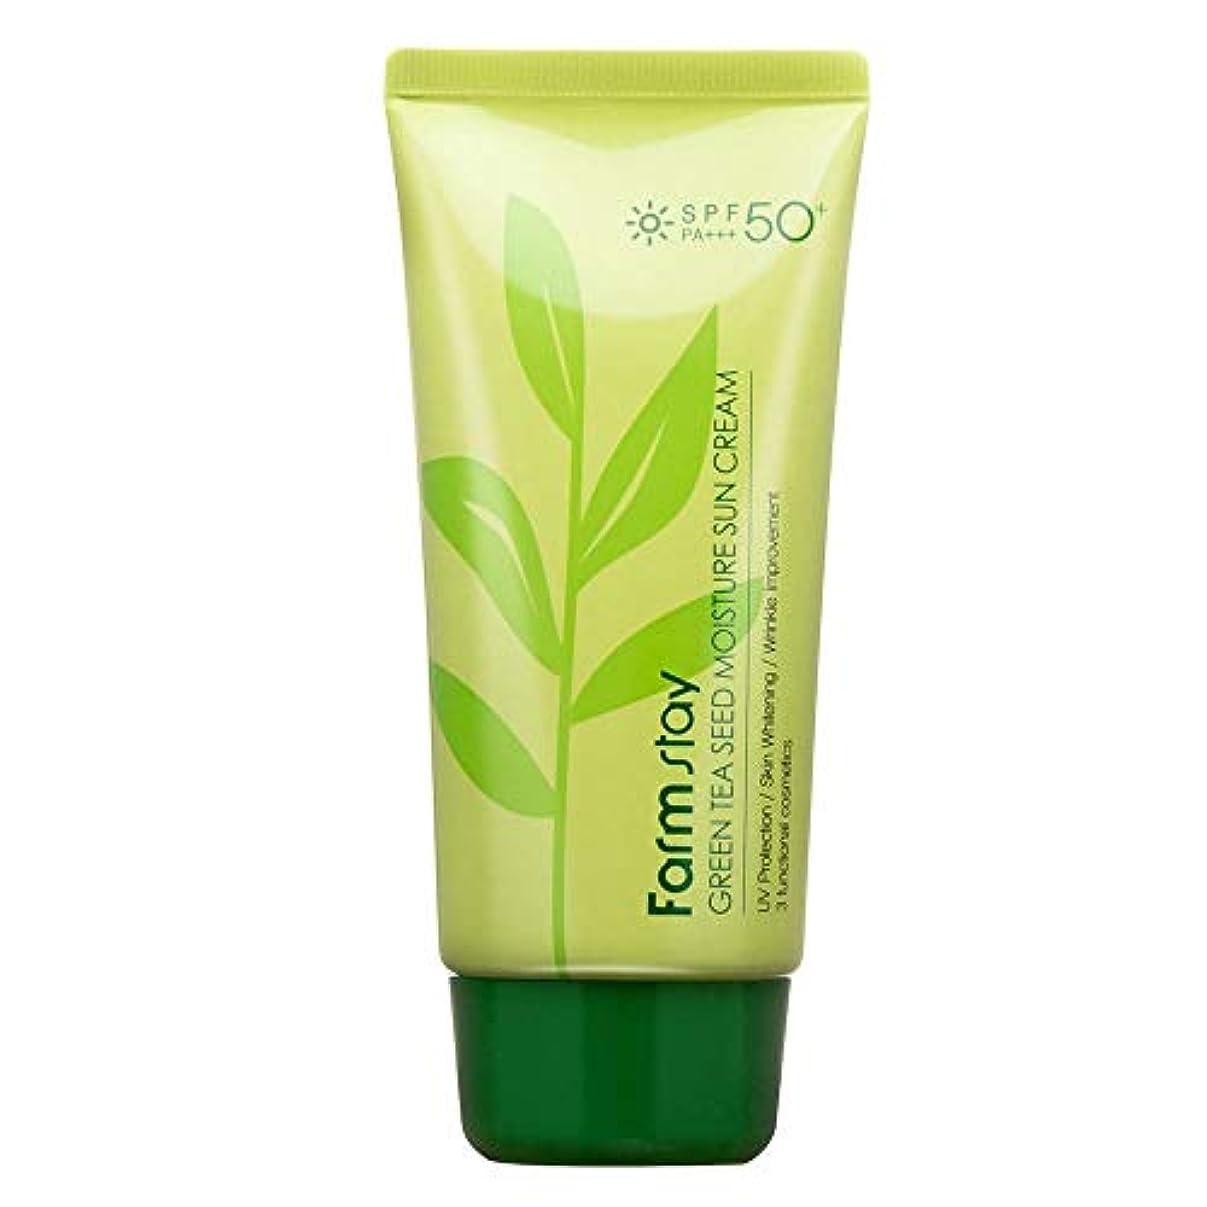 保護する北極圏すべきファームステイ[Farm Stay] グリーンティーシードモイスチャーサンクリーム 70g (美白&しわ防止) / Green Tea Seed Moisture Sun Cream